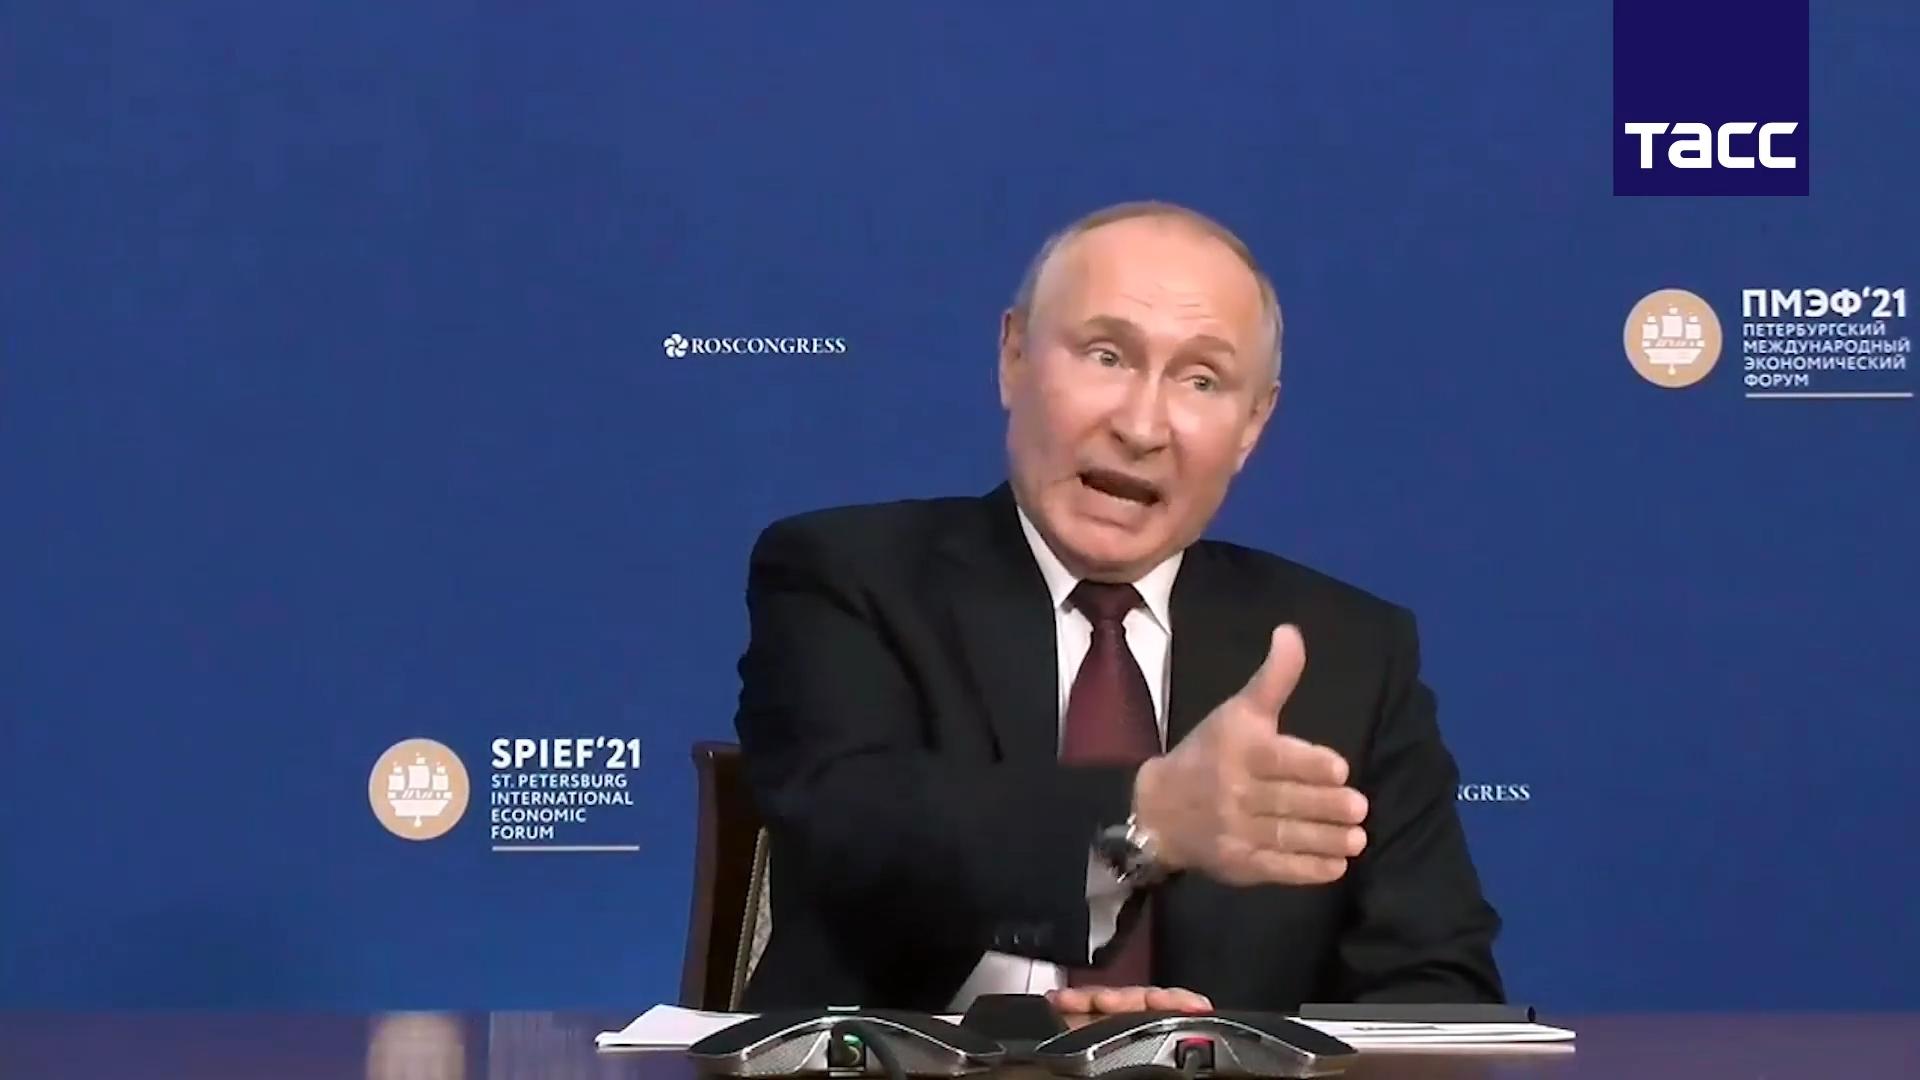 20210605_00-51-Путин заявил, что Соединенные Штаты твердым шагом идут по пути Советского Союза - Политика - ТАСС-pic9